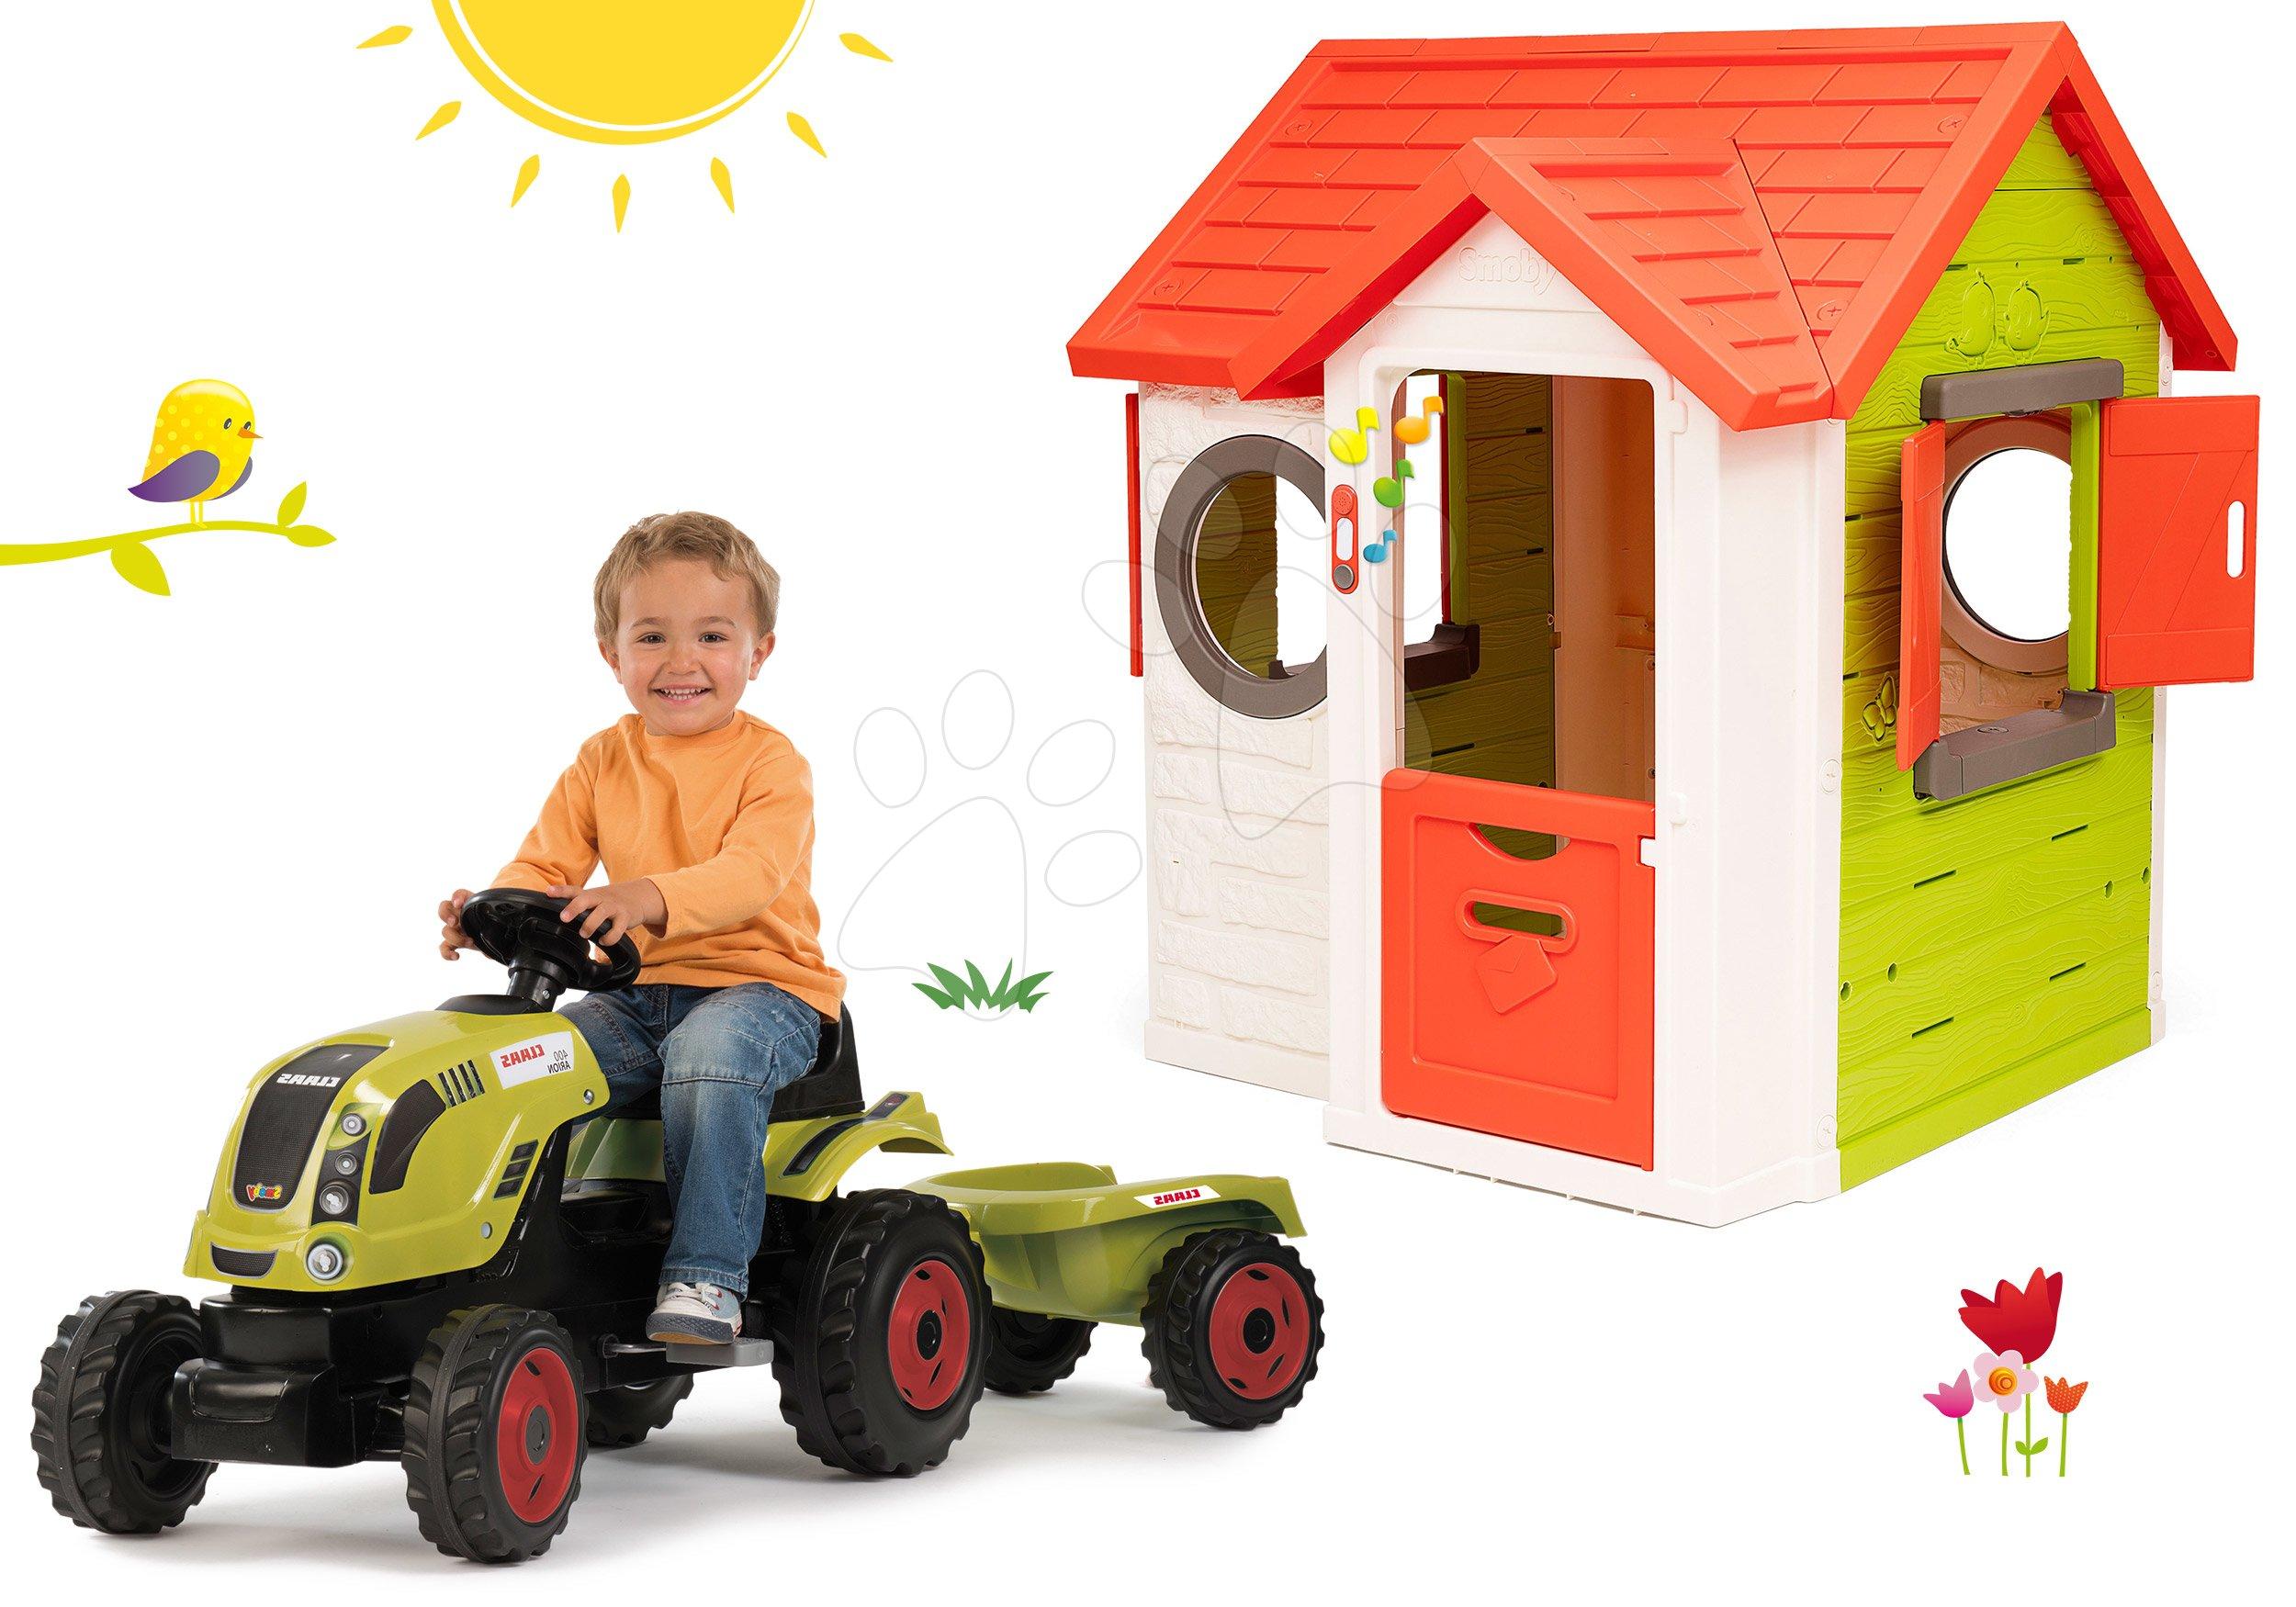 Set domeček My Neo House DeLuxe Smoby s elektronickým zvonkem a traktor Claas GM s přívěsem od 24 měs